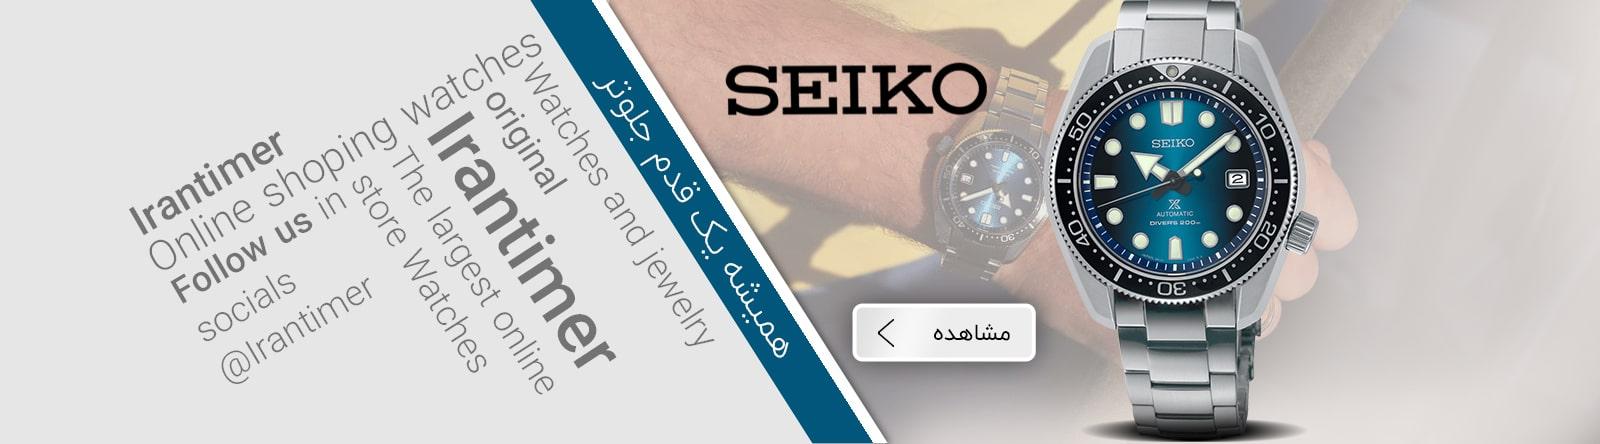 ساعت مچی Seiko